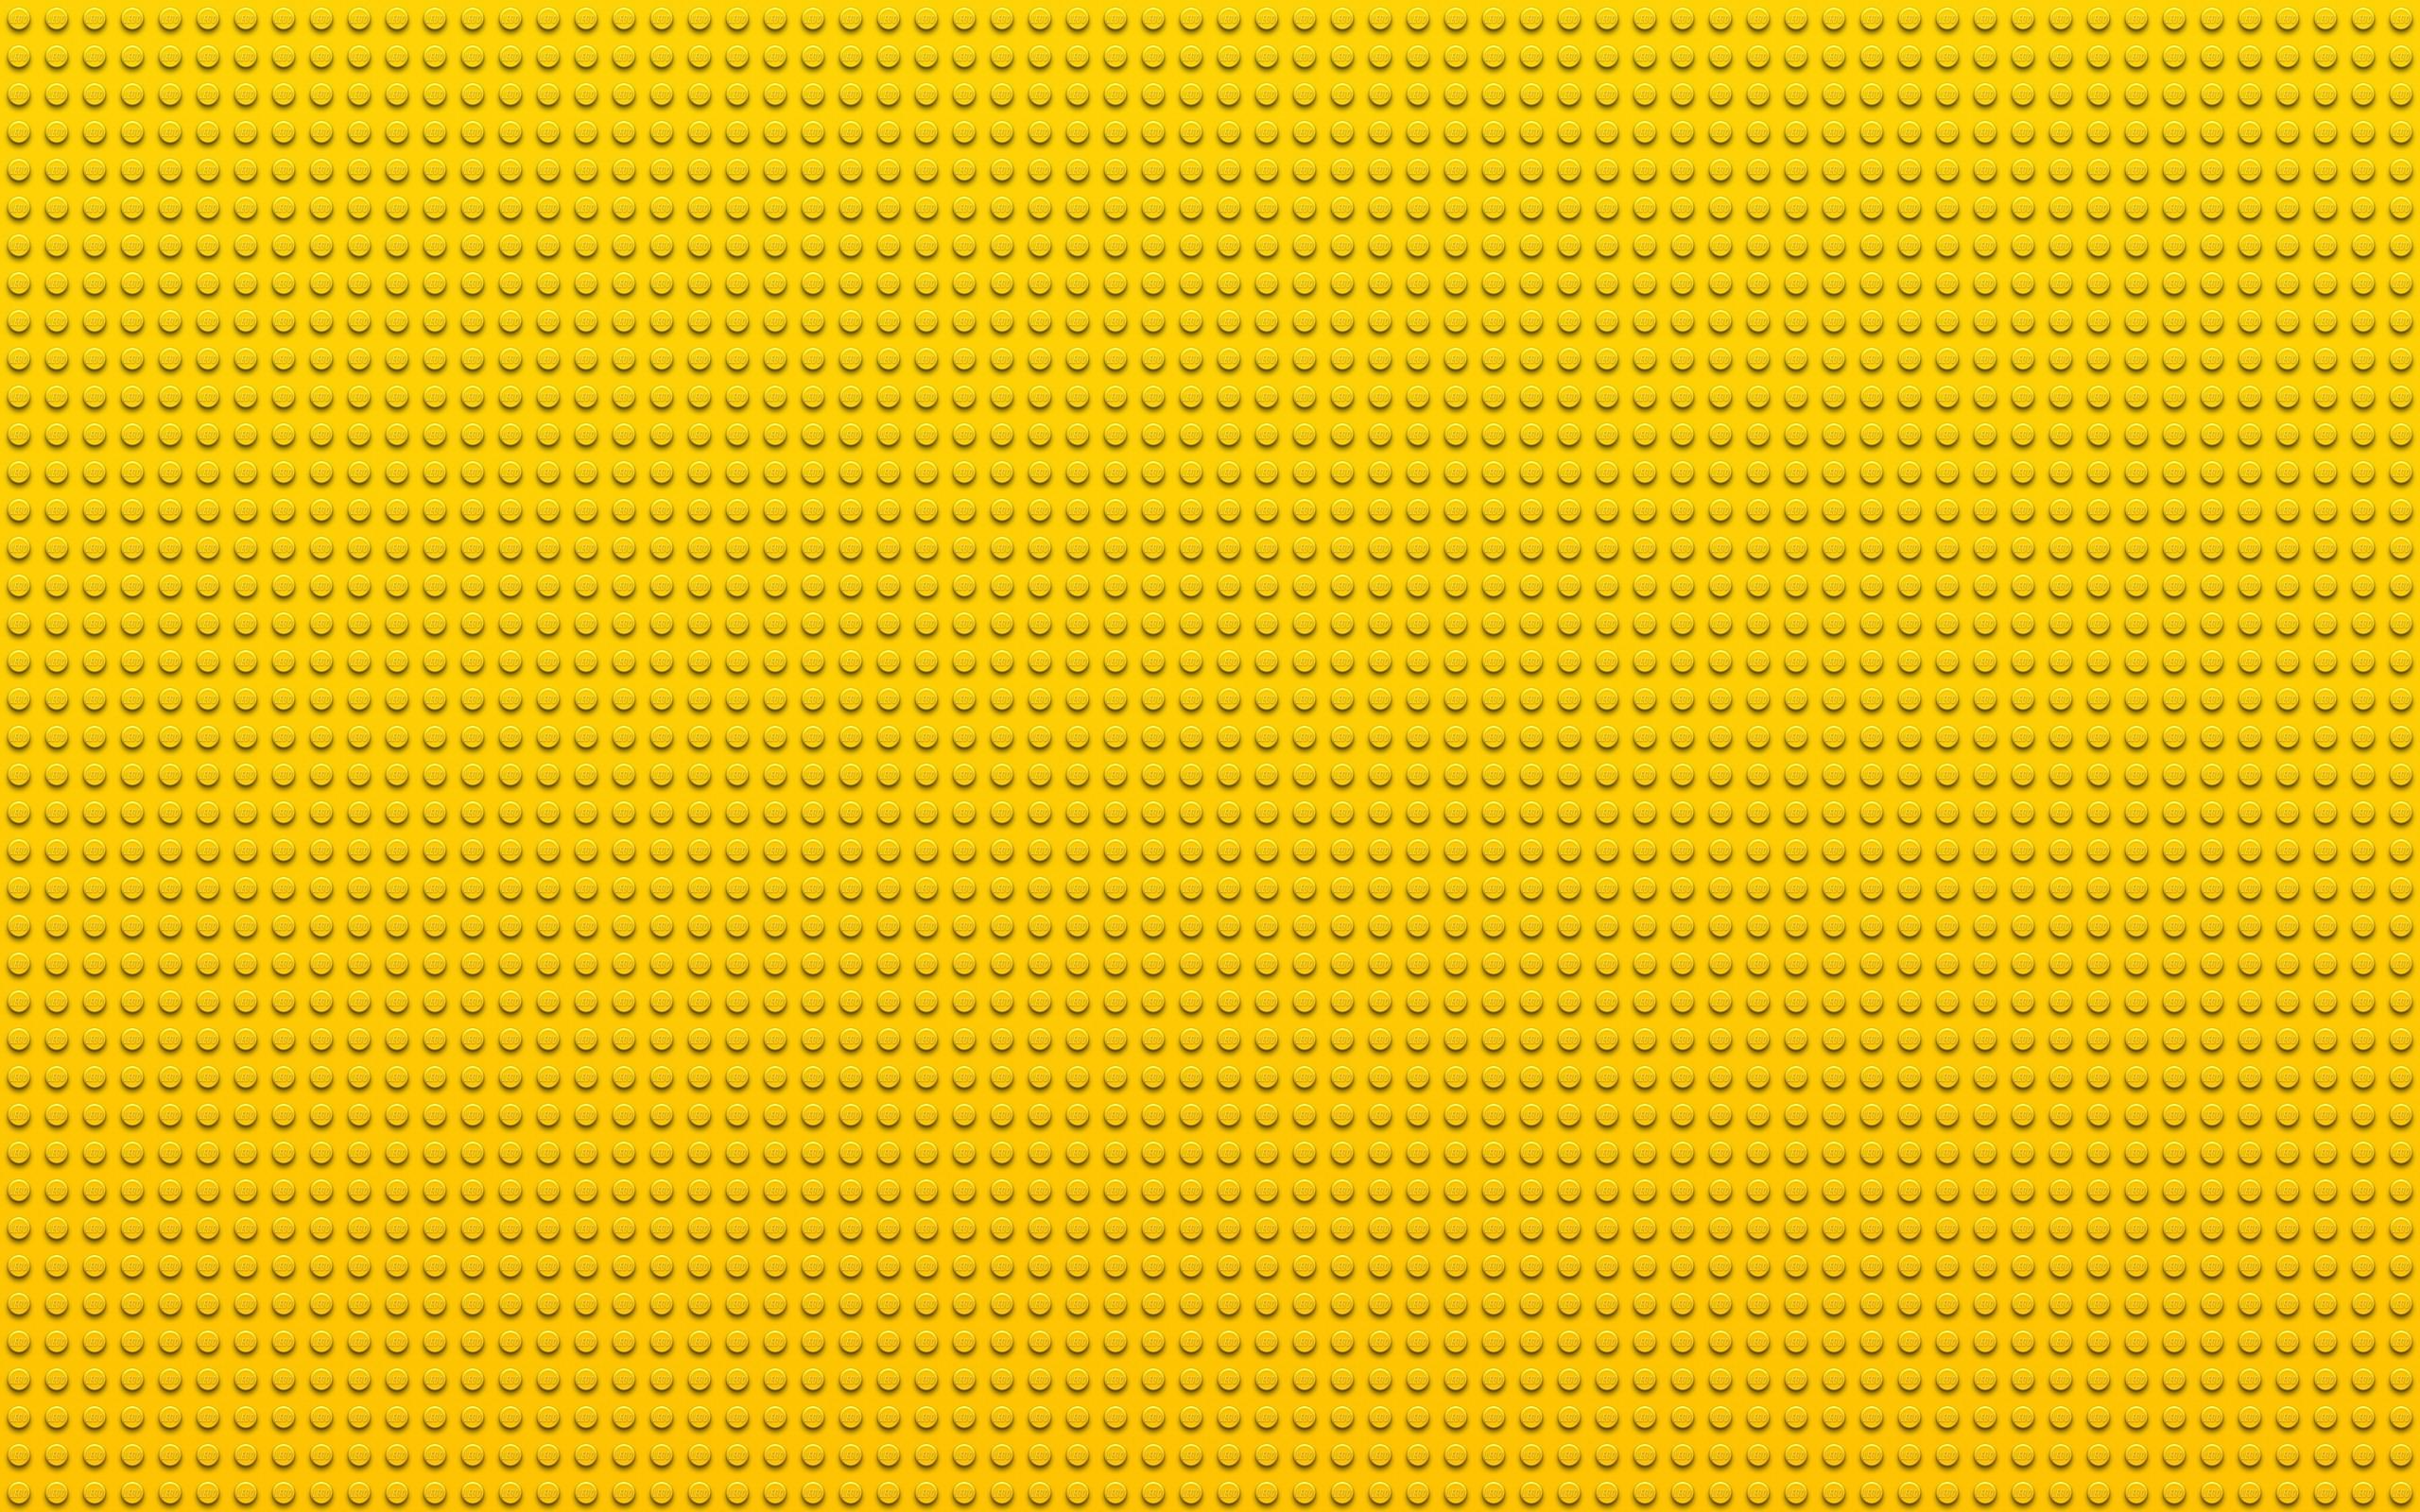 Textura amarilla y puntos - 2560x1600